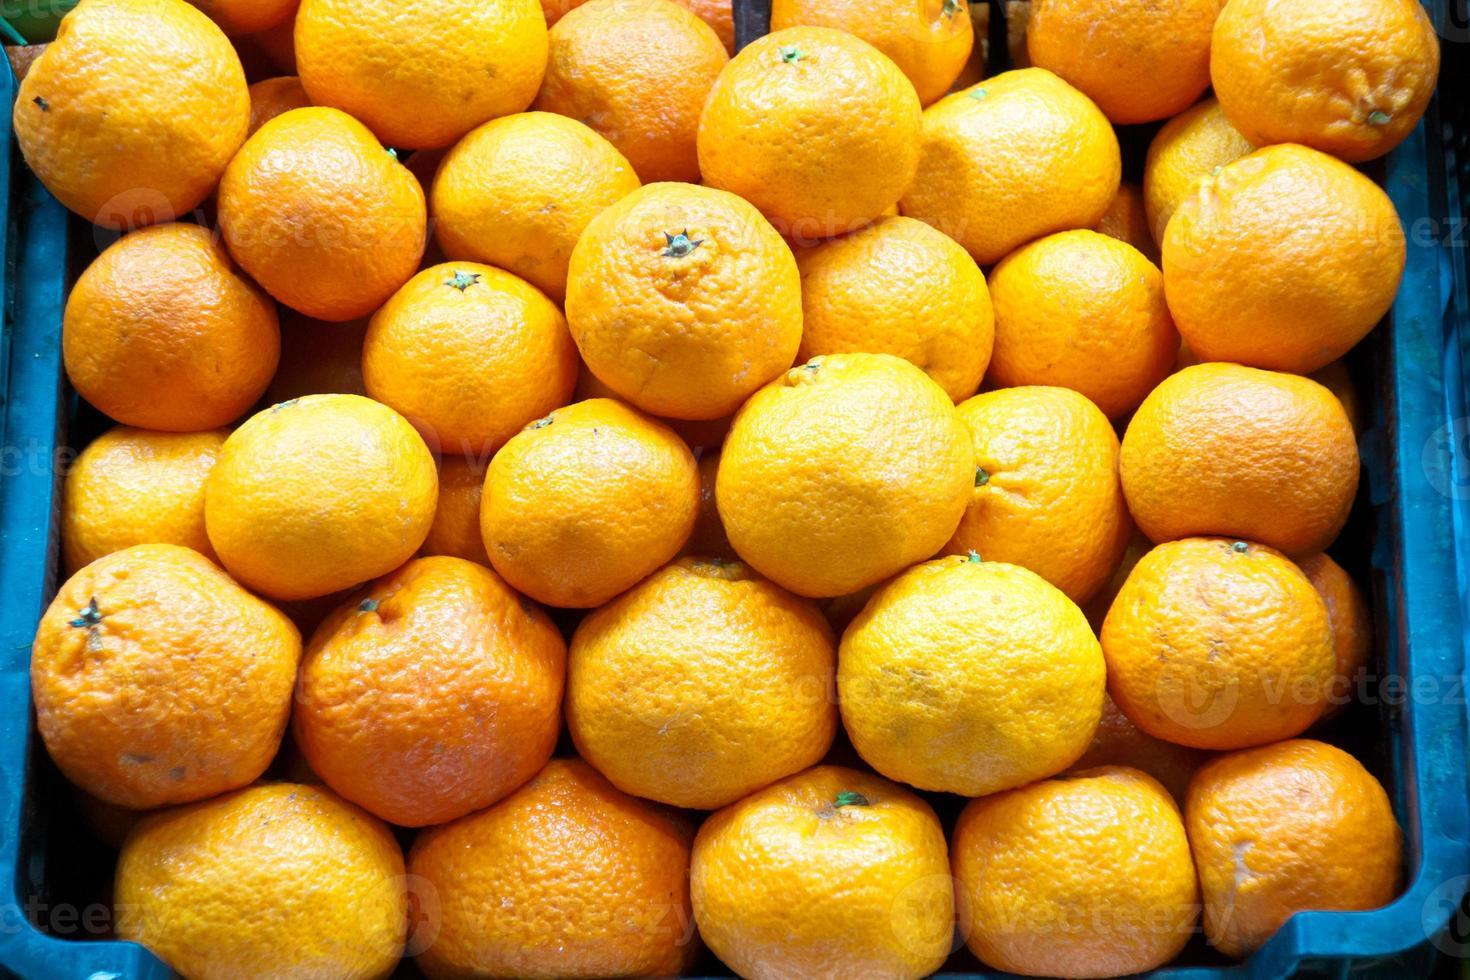 Orangen auf einem Markt foto